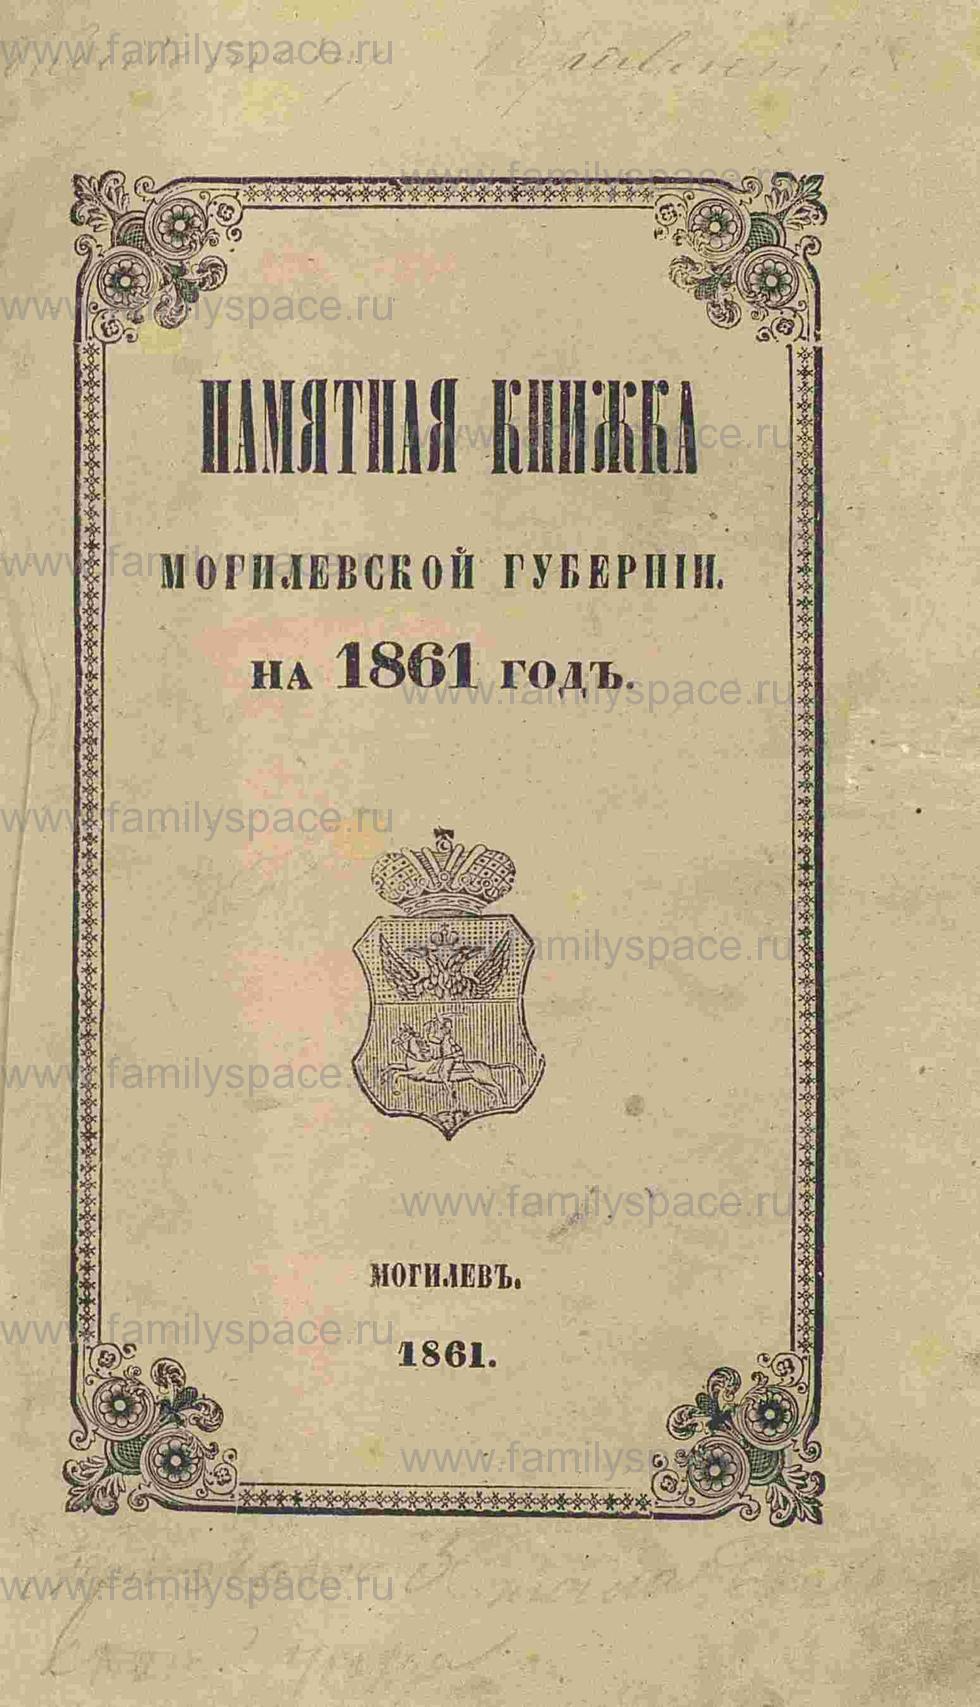 Поиск по фамилии - Памятная книжка Могилёвской губернии на 1861 год, страница -2